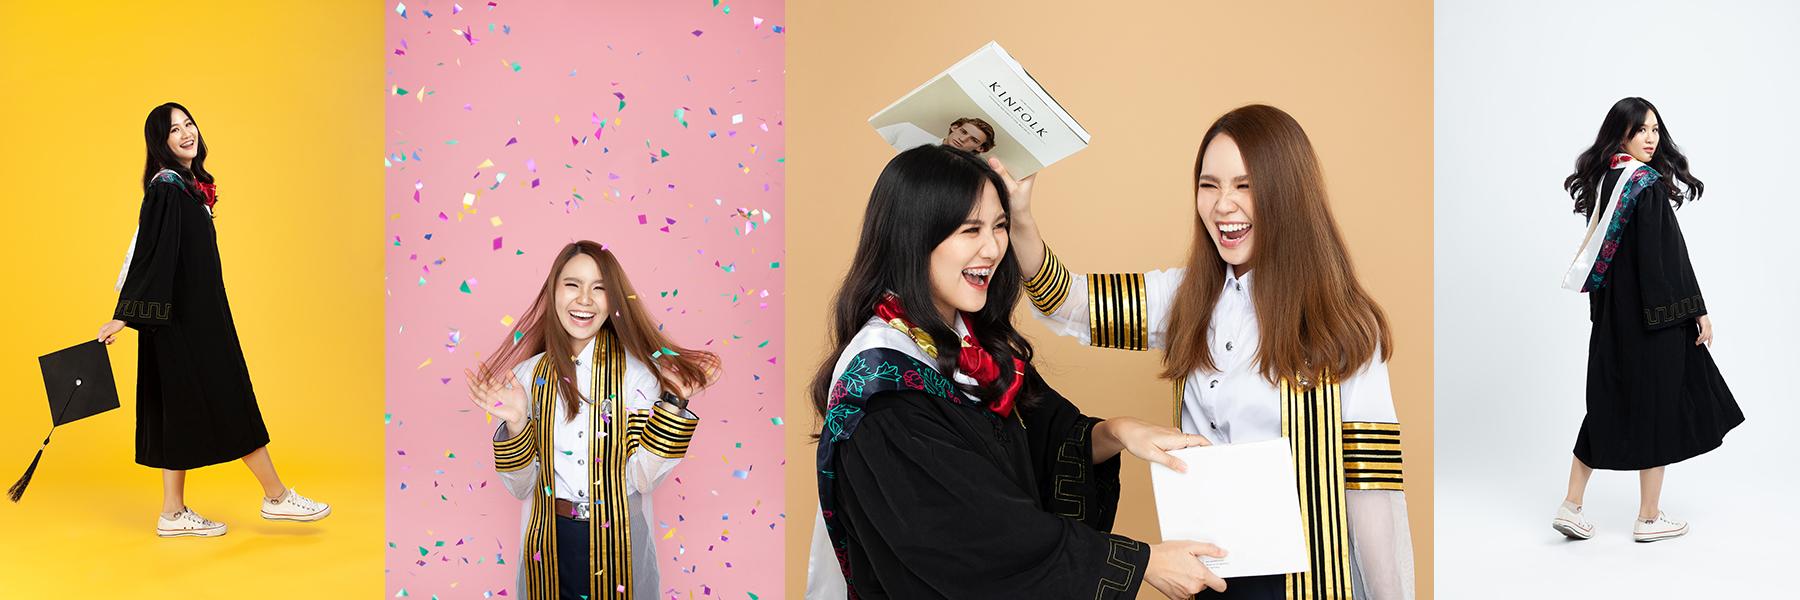 ถ่ายภาพ Graduation Portrait ฉากสี